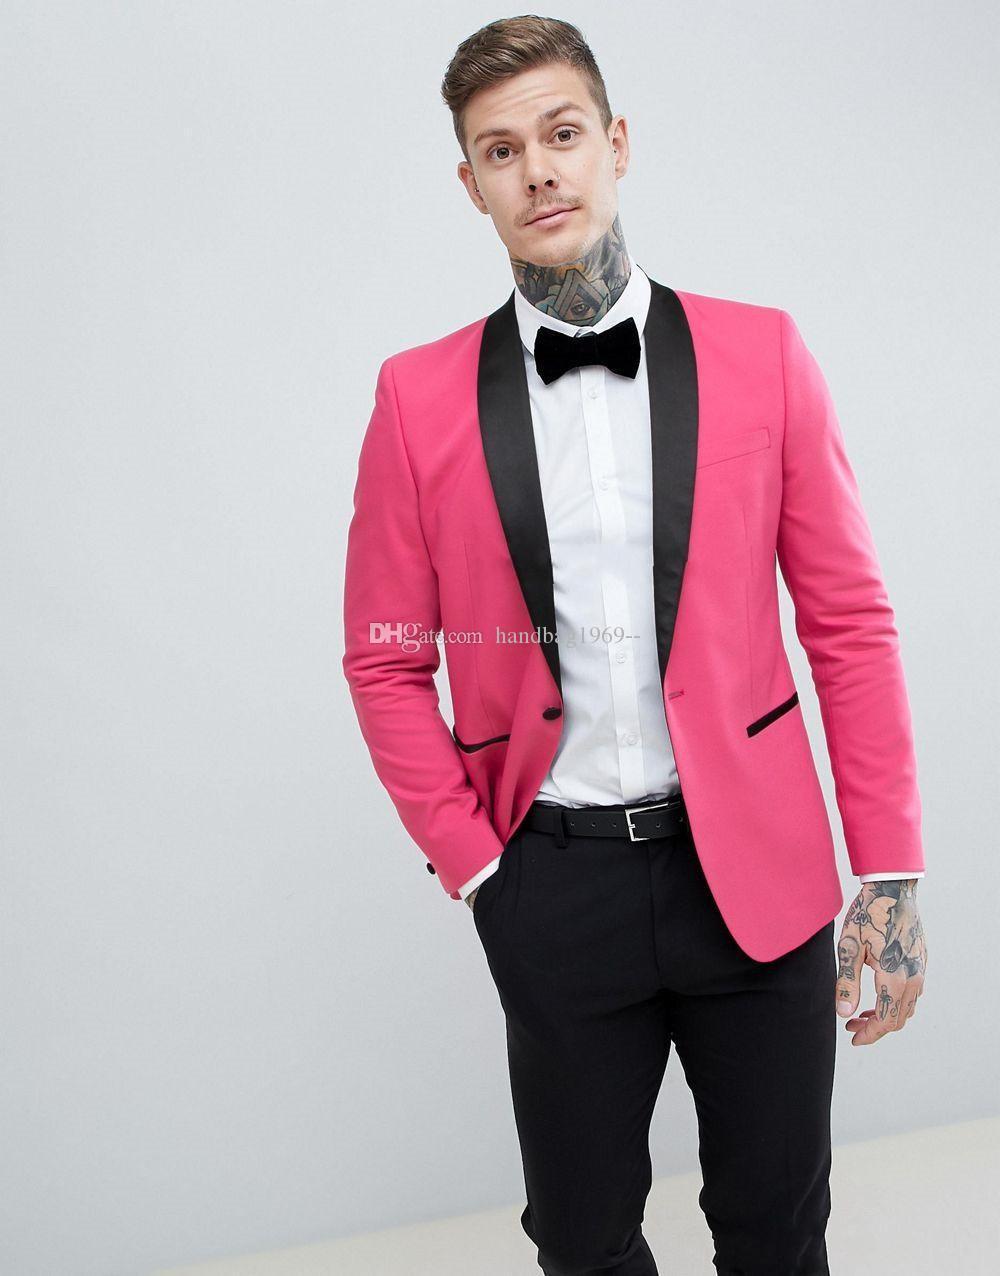 새로운 도착 원 버튼 핫 핑크 신랑 턱시도 어깨 걸이 옷깃 Groomsmen 최고의 남자 파티 망 결혼식 정장 (자켓 + 바지 + 타이) K1